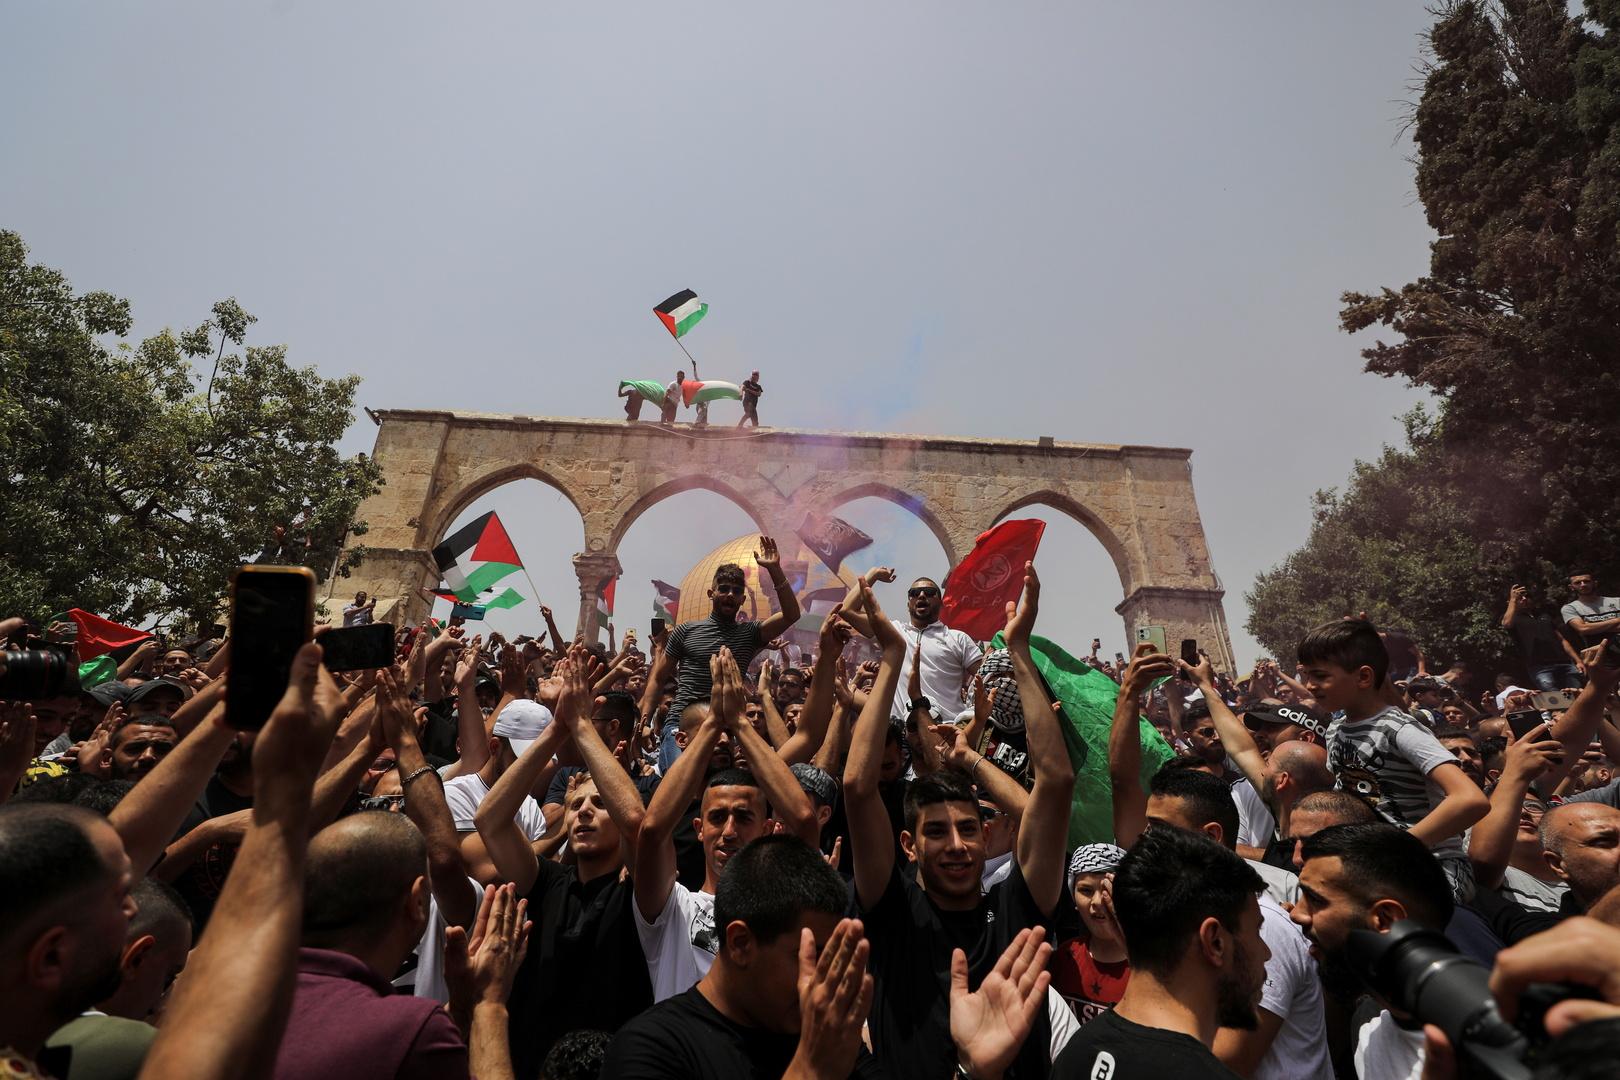 بالفيديو.. مواجهات في جنوب نابلس بين الجيش الإسرائيلي وفلسطينيين